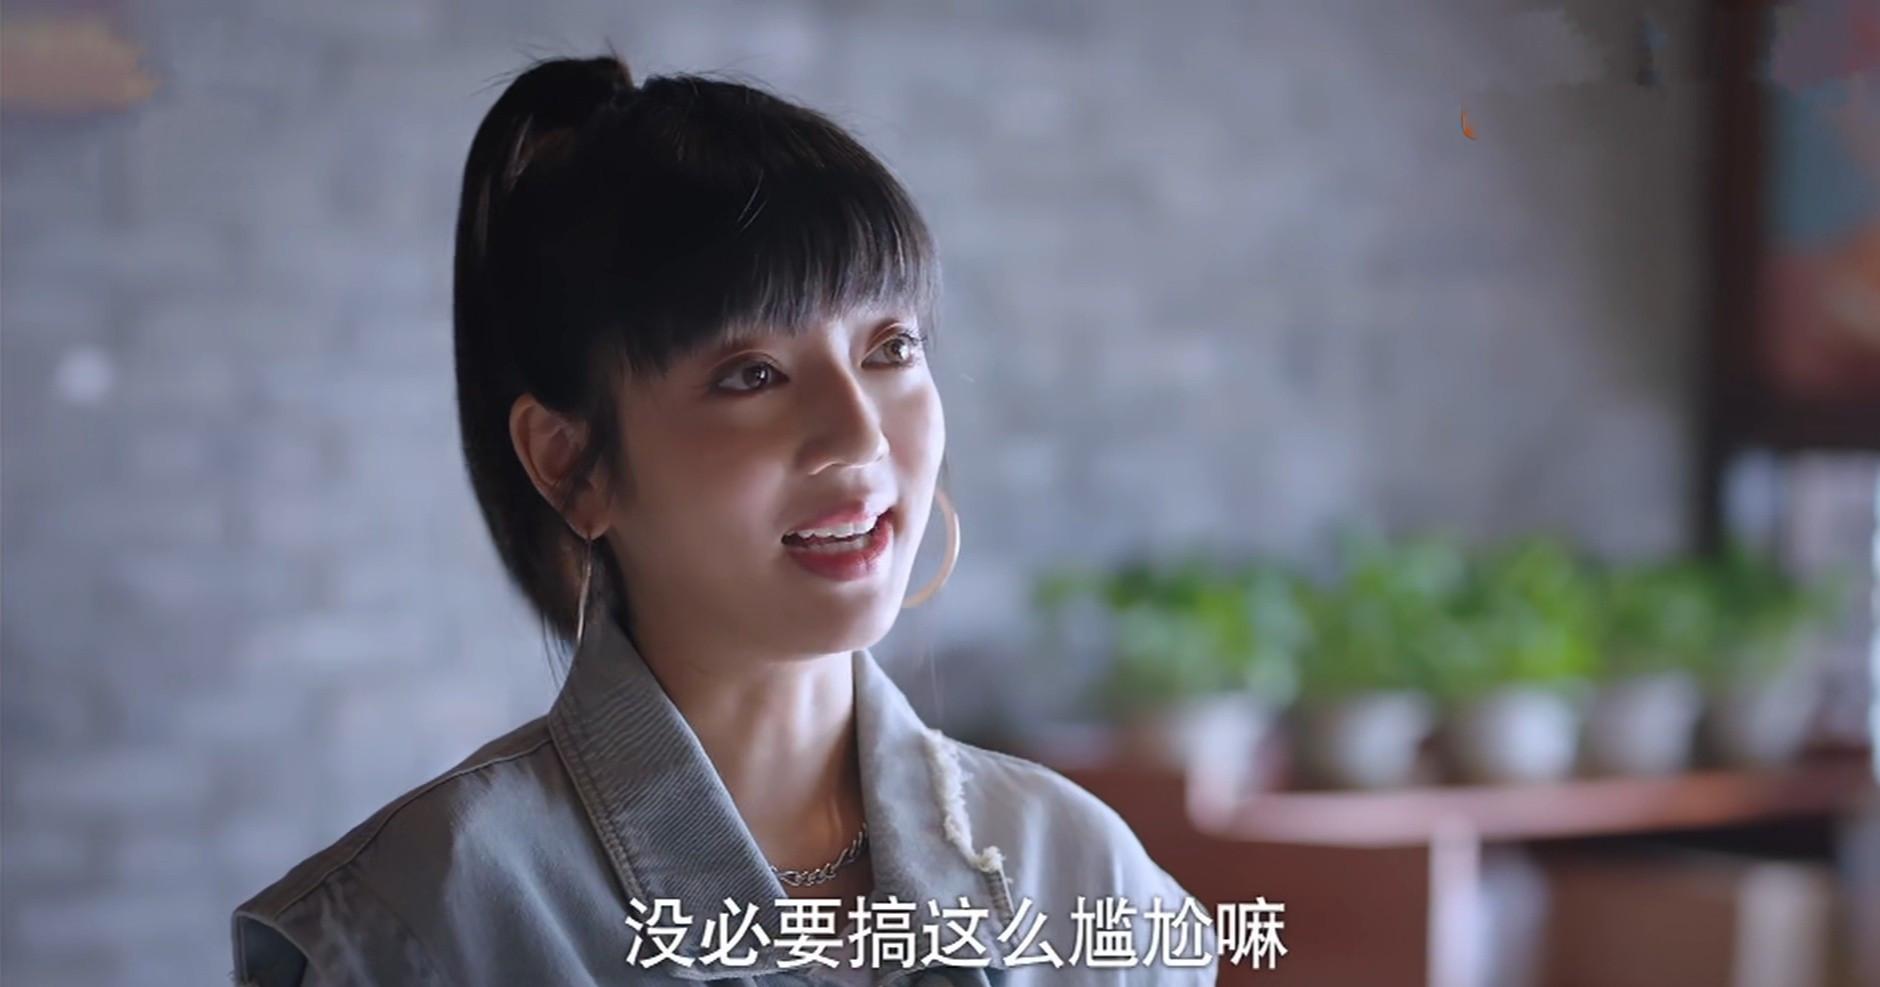 《以家人之名》唐灿:拿得起放得下,才是当代女性成熟的爱情观